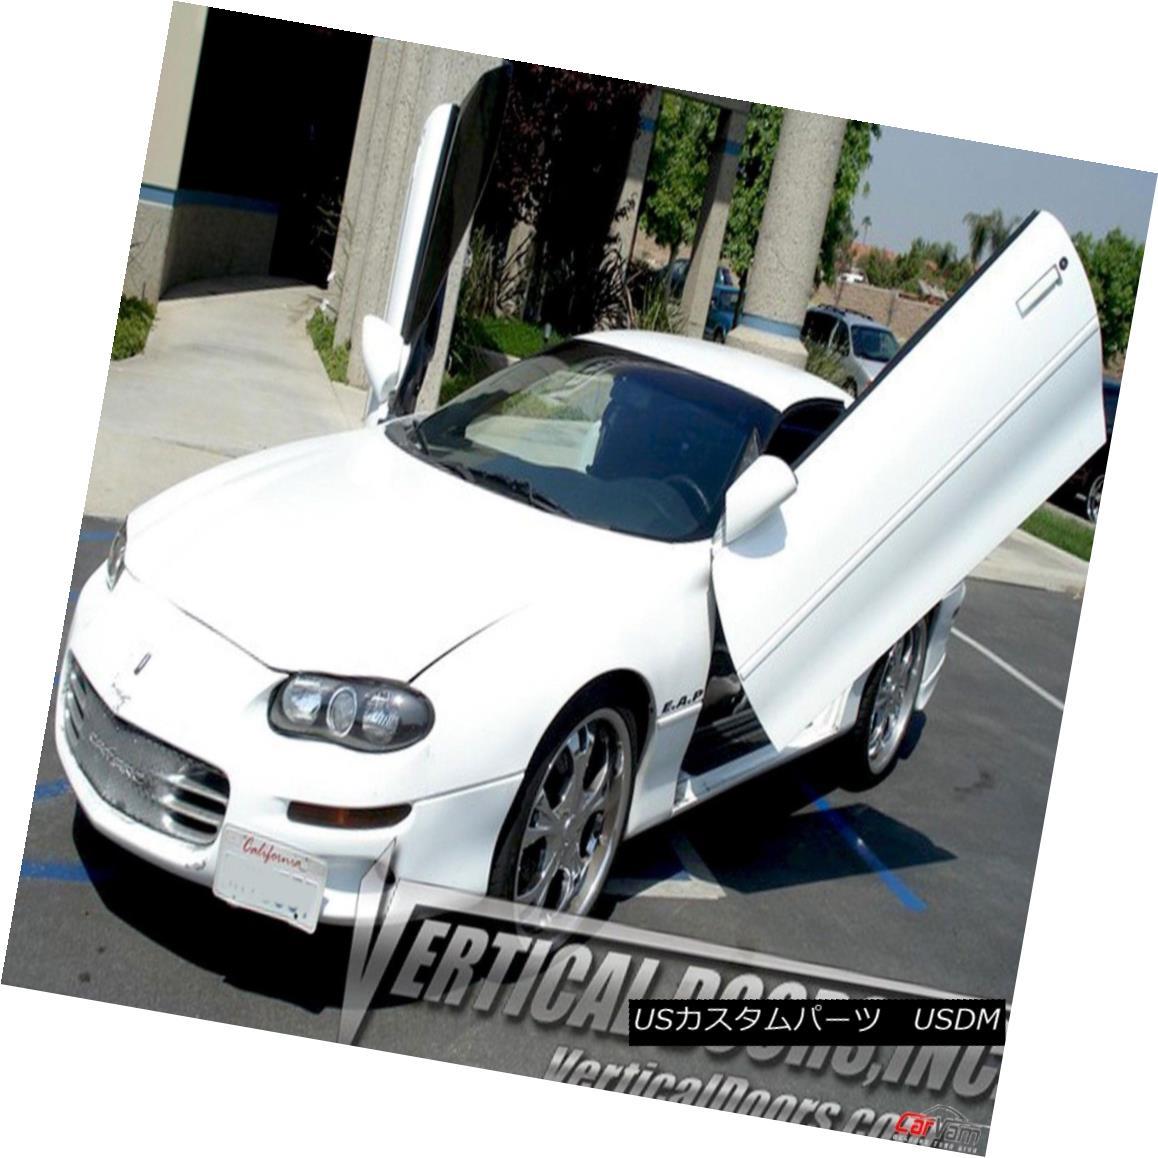 ガルウィングキット Vertical Doors - Vertical Lambo Door Kit For Chevrolet Camaro 1993-97 垂直ドア - シボレーカマロ用垂直ランボルフトドアキット1993-97